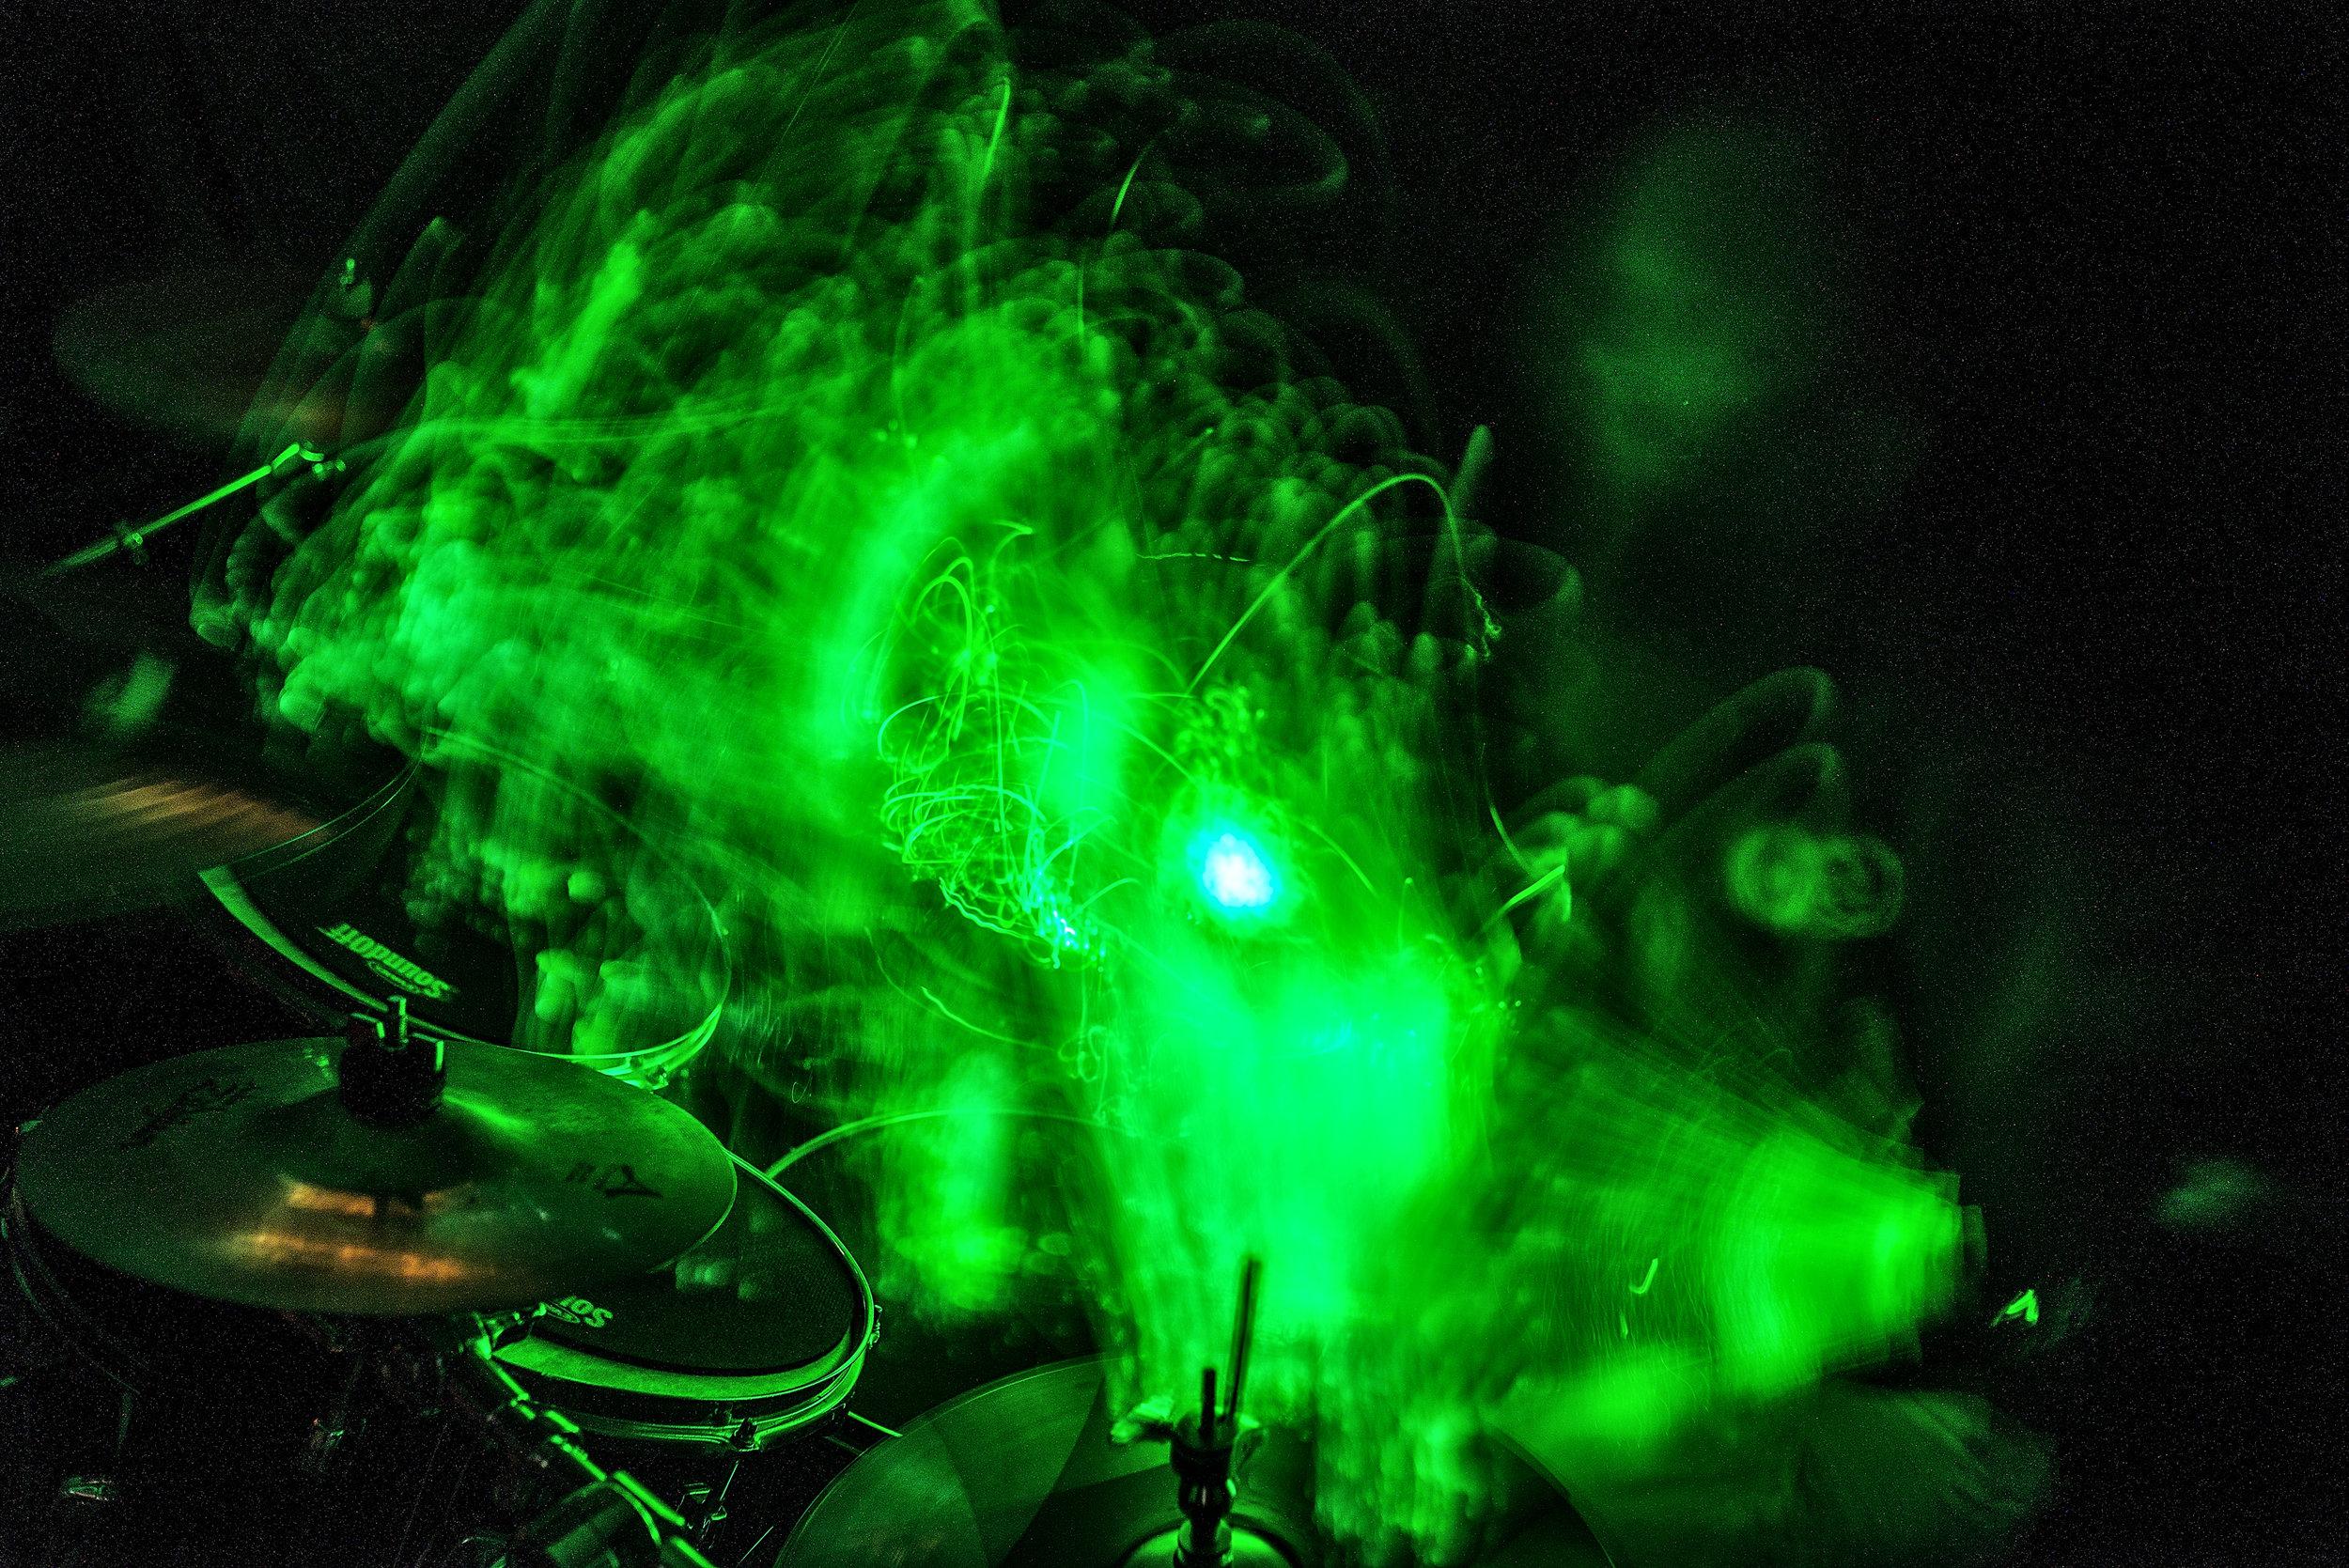 Rush's Spirit of Radio Light Painting